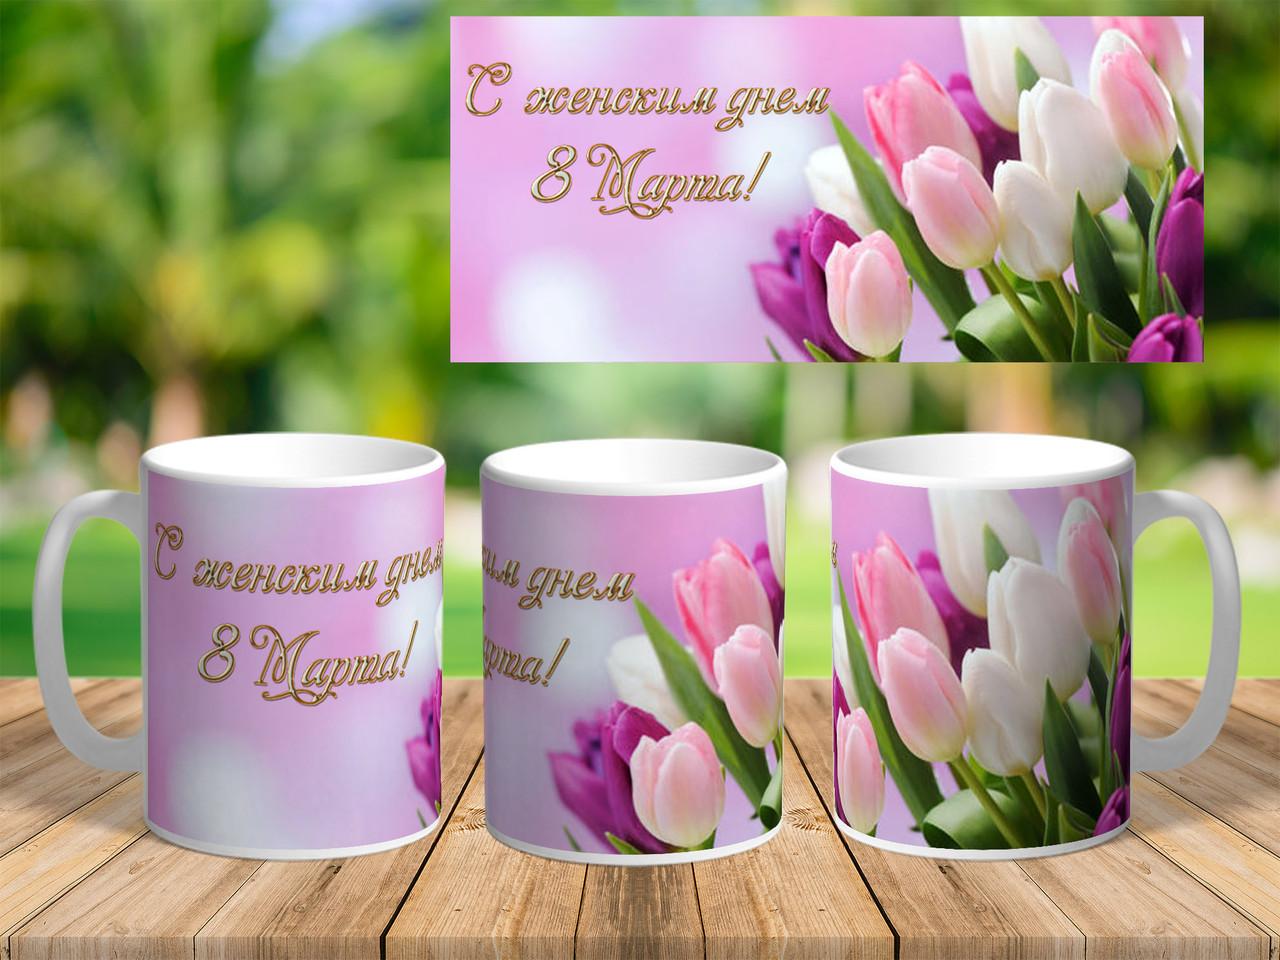 Печать на чашках, подарок к 8 марта